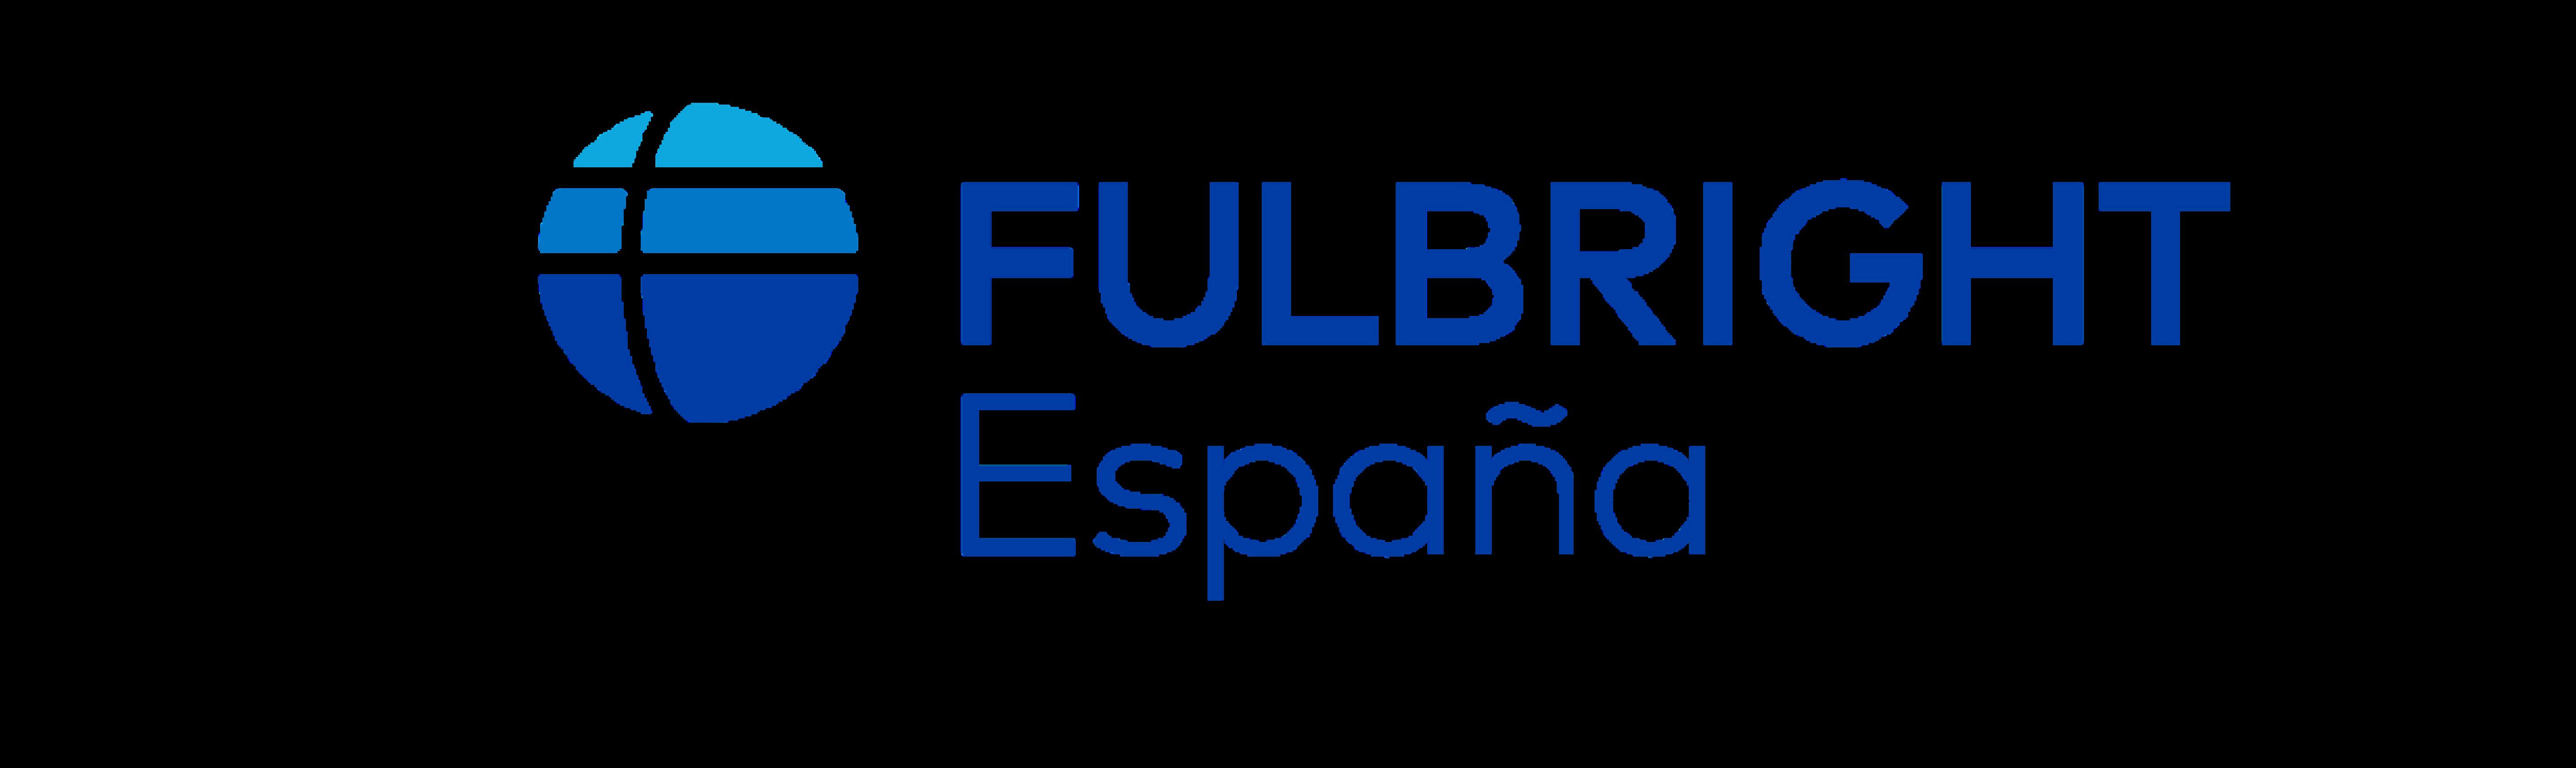 Ayudas para realización de Máster en EE. UU. en cualquier campo de estudio para el curso 2021 / 2022. Ministerio de Universidades / Fulbright